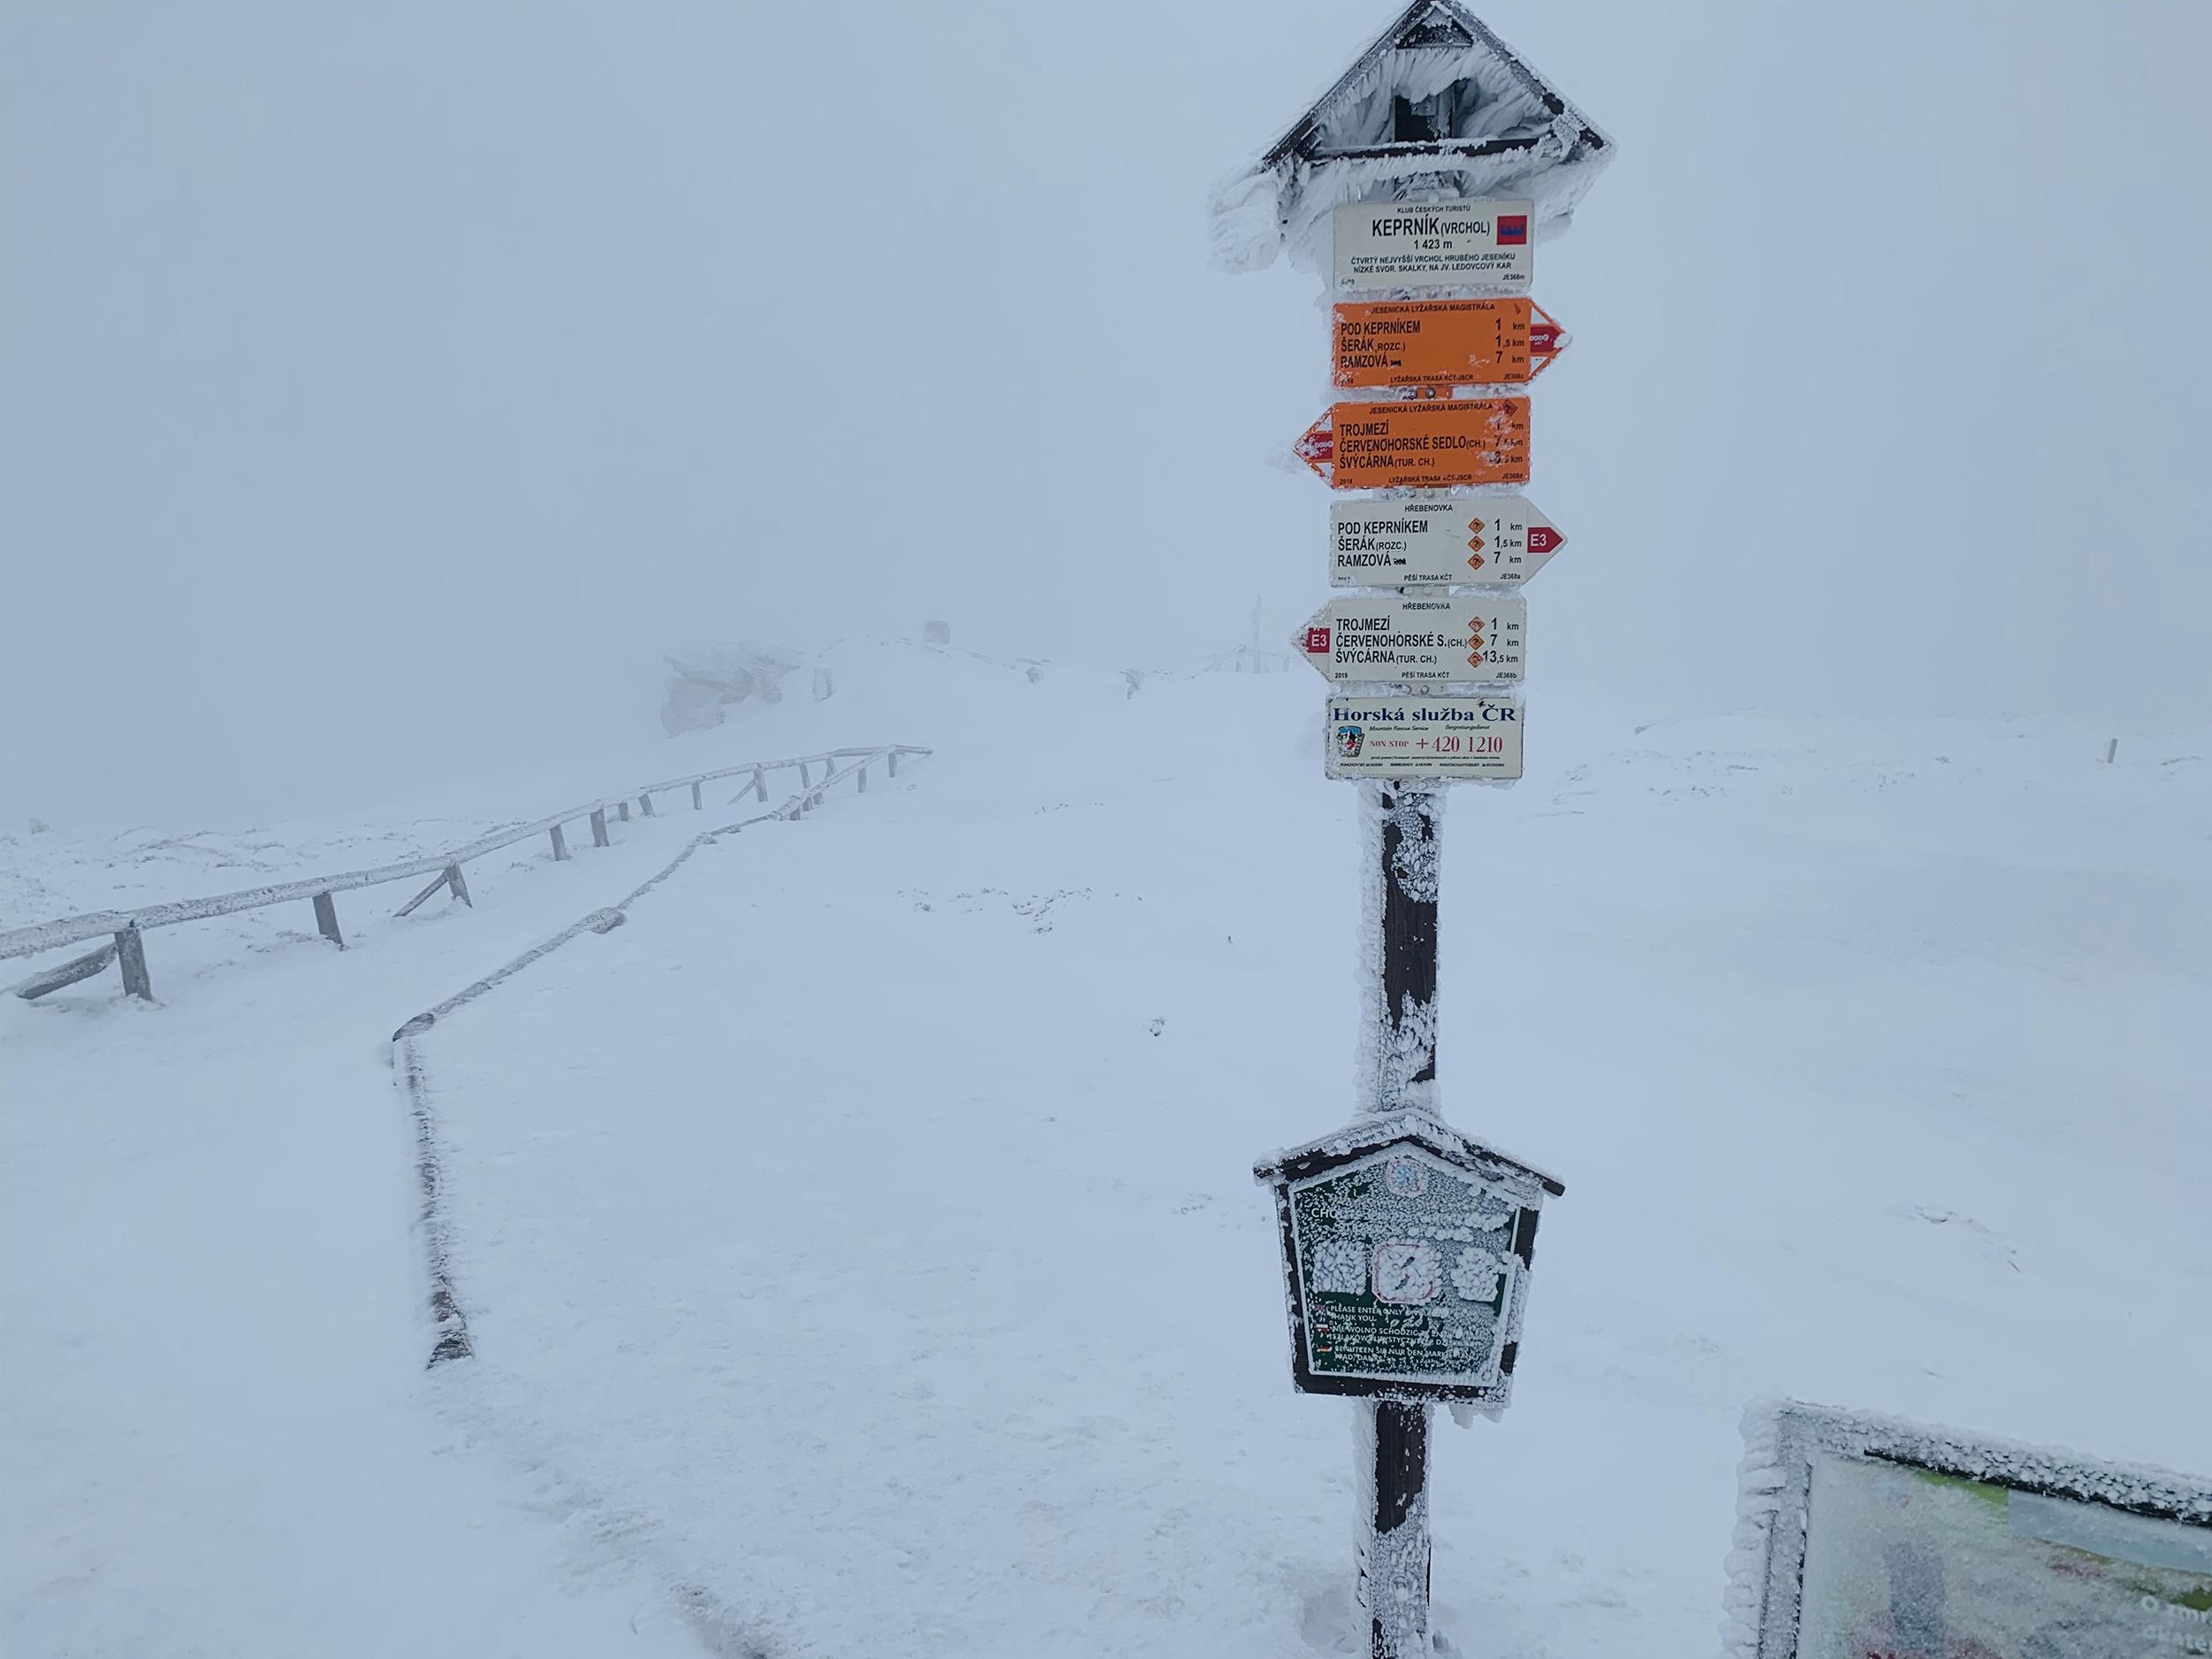 Afternoon hike to Mount Keprnik 1423m